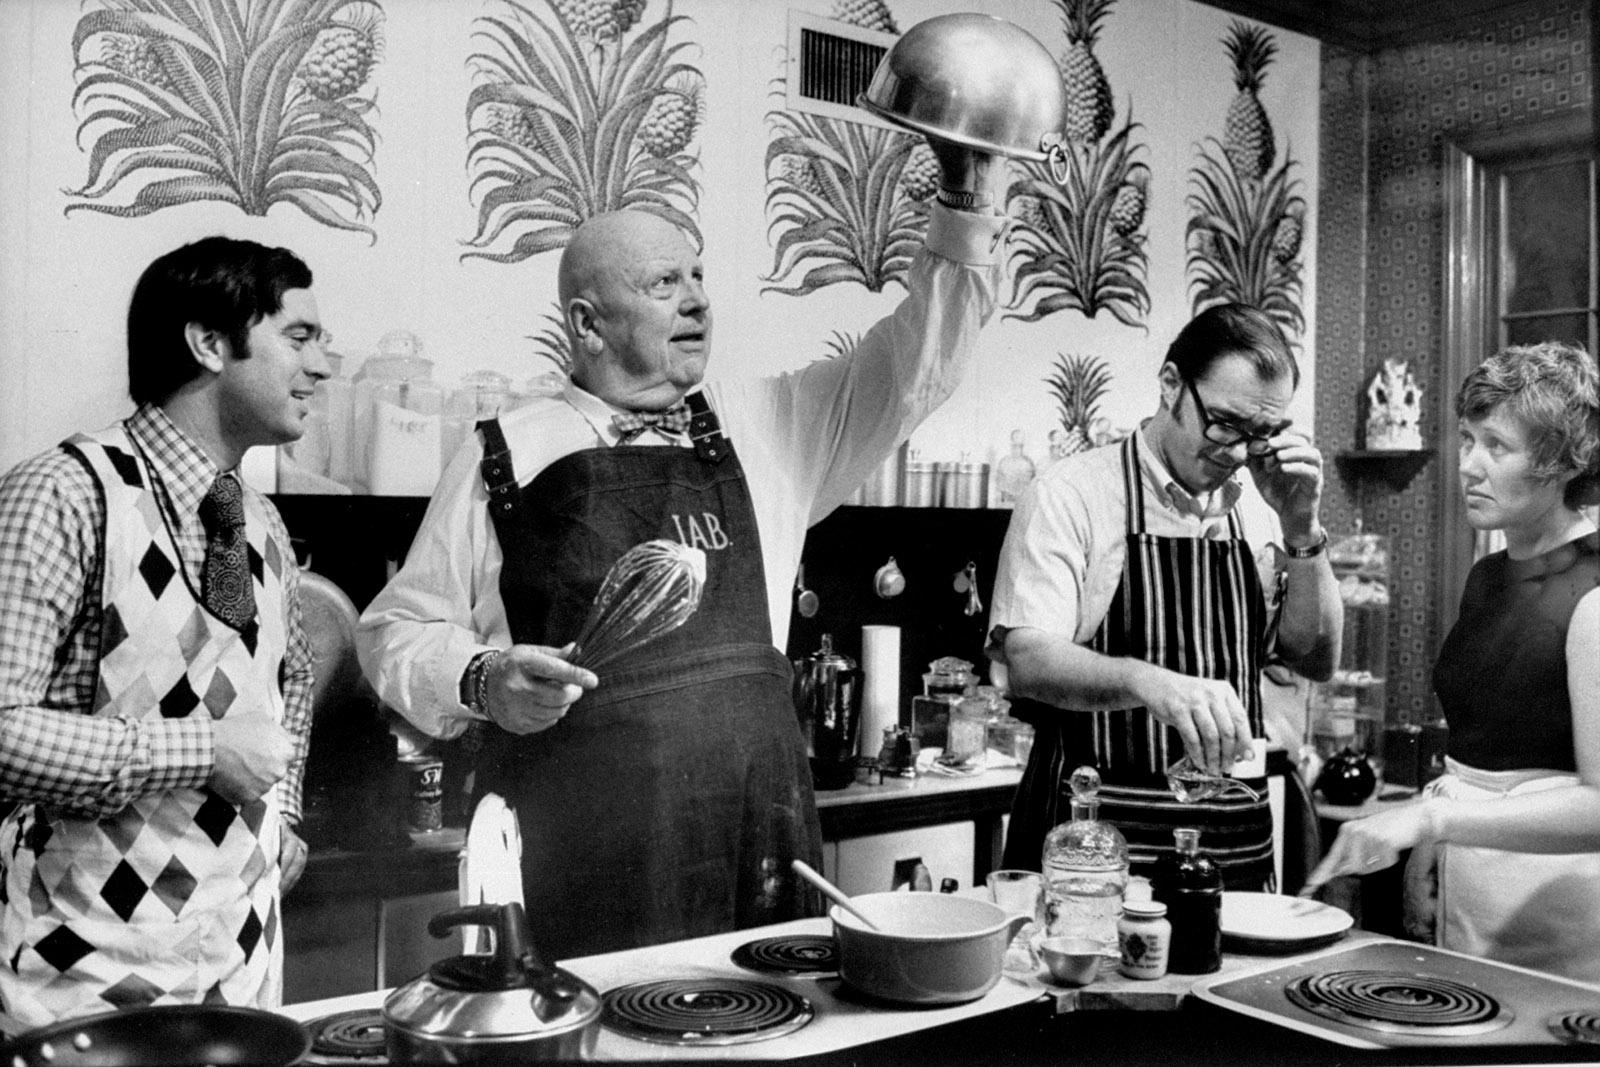 James Beard demonstrating how to whip egg whites